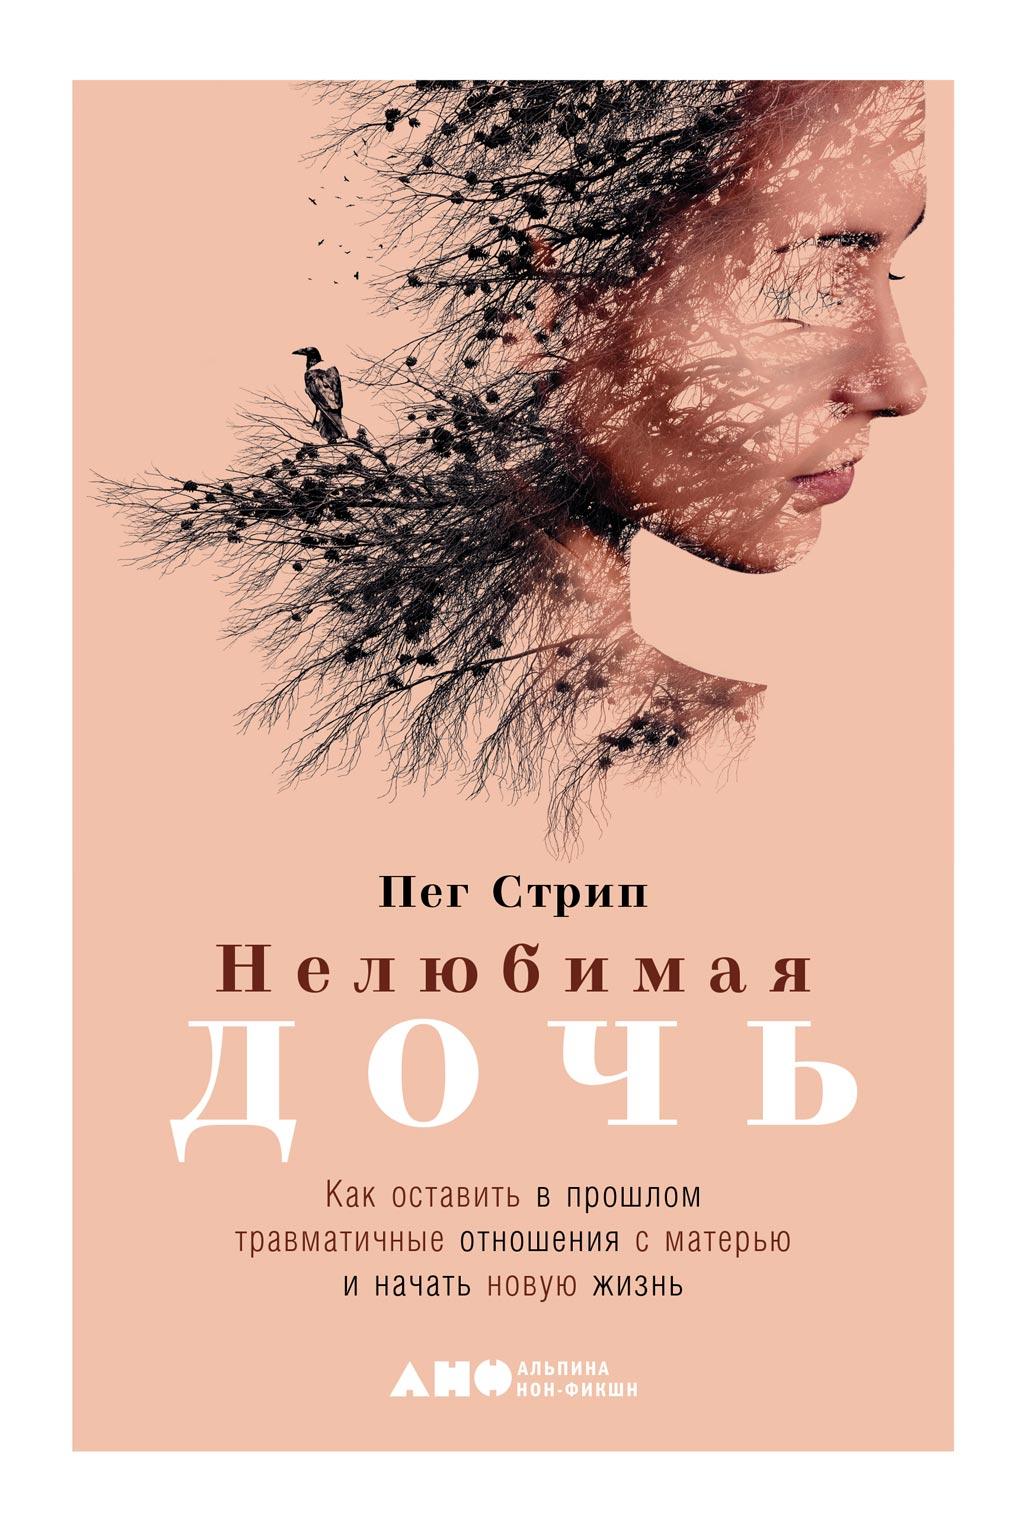 Купить книгу Нелюбимая дочь, автора Пеги Стрип